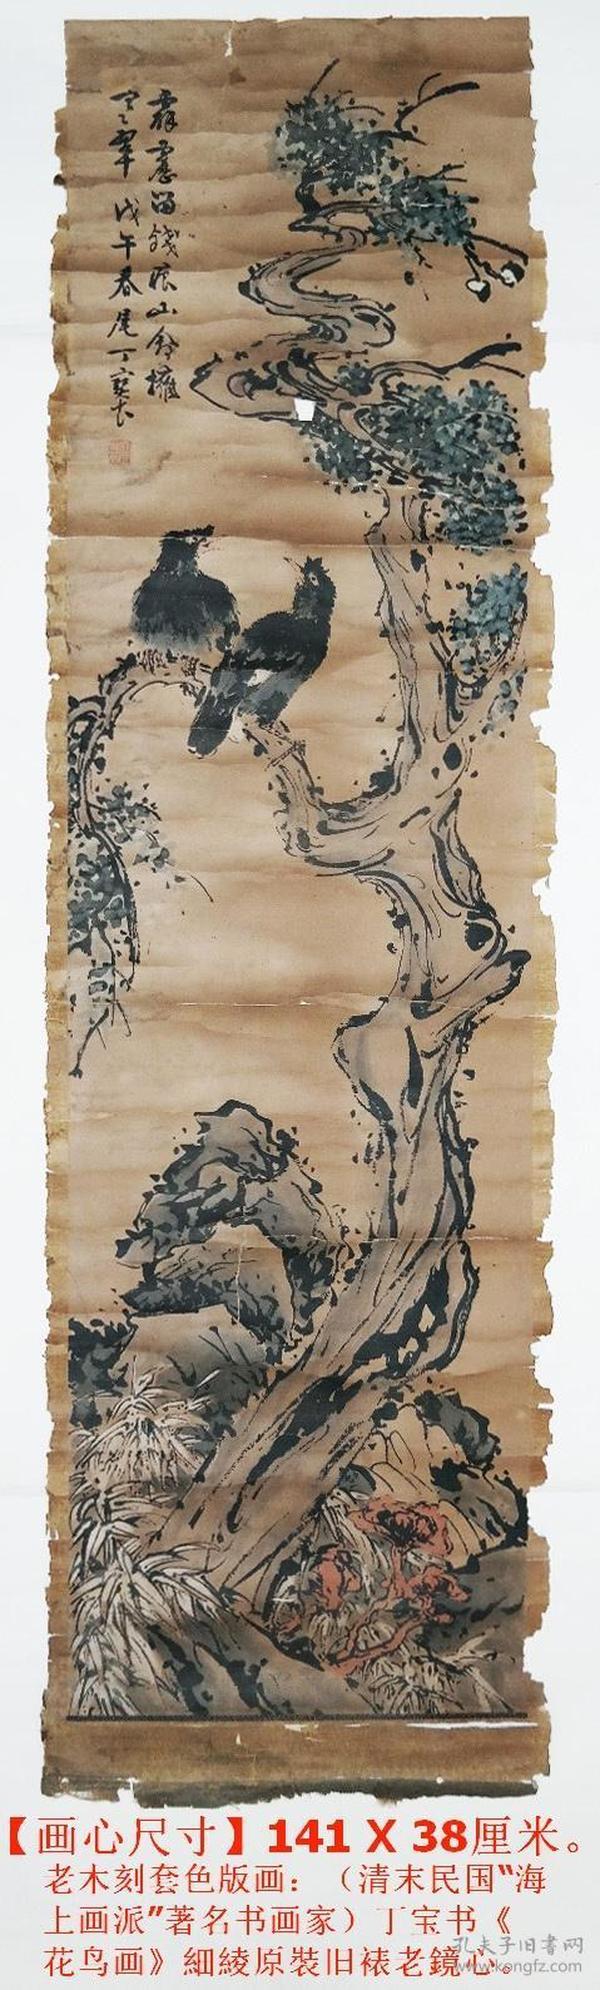 老木刻套色版畫:清末海派書畫名家◆◆丁寶書《花鳥畫》細綾原裱老鏡心◆